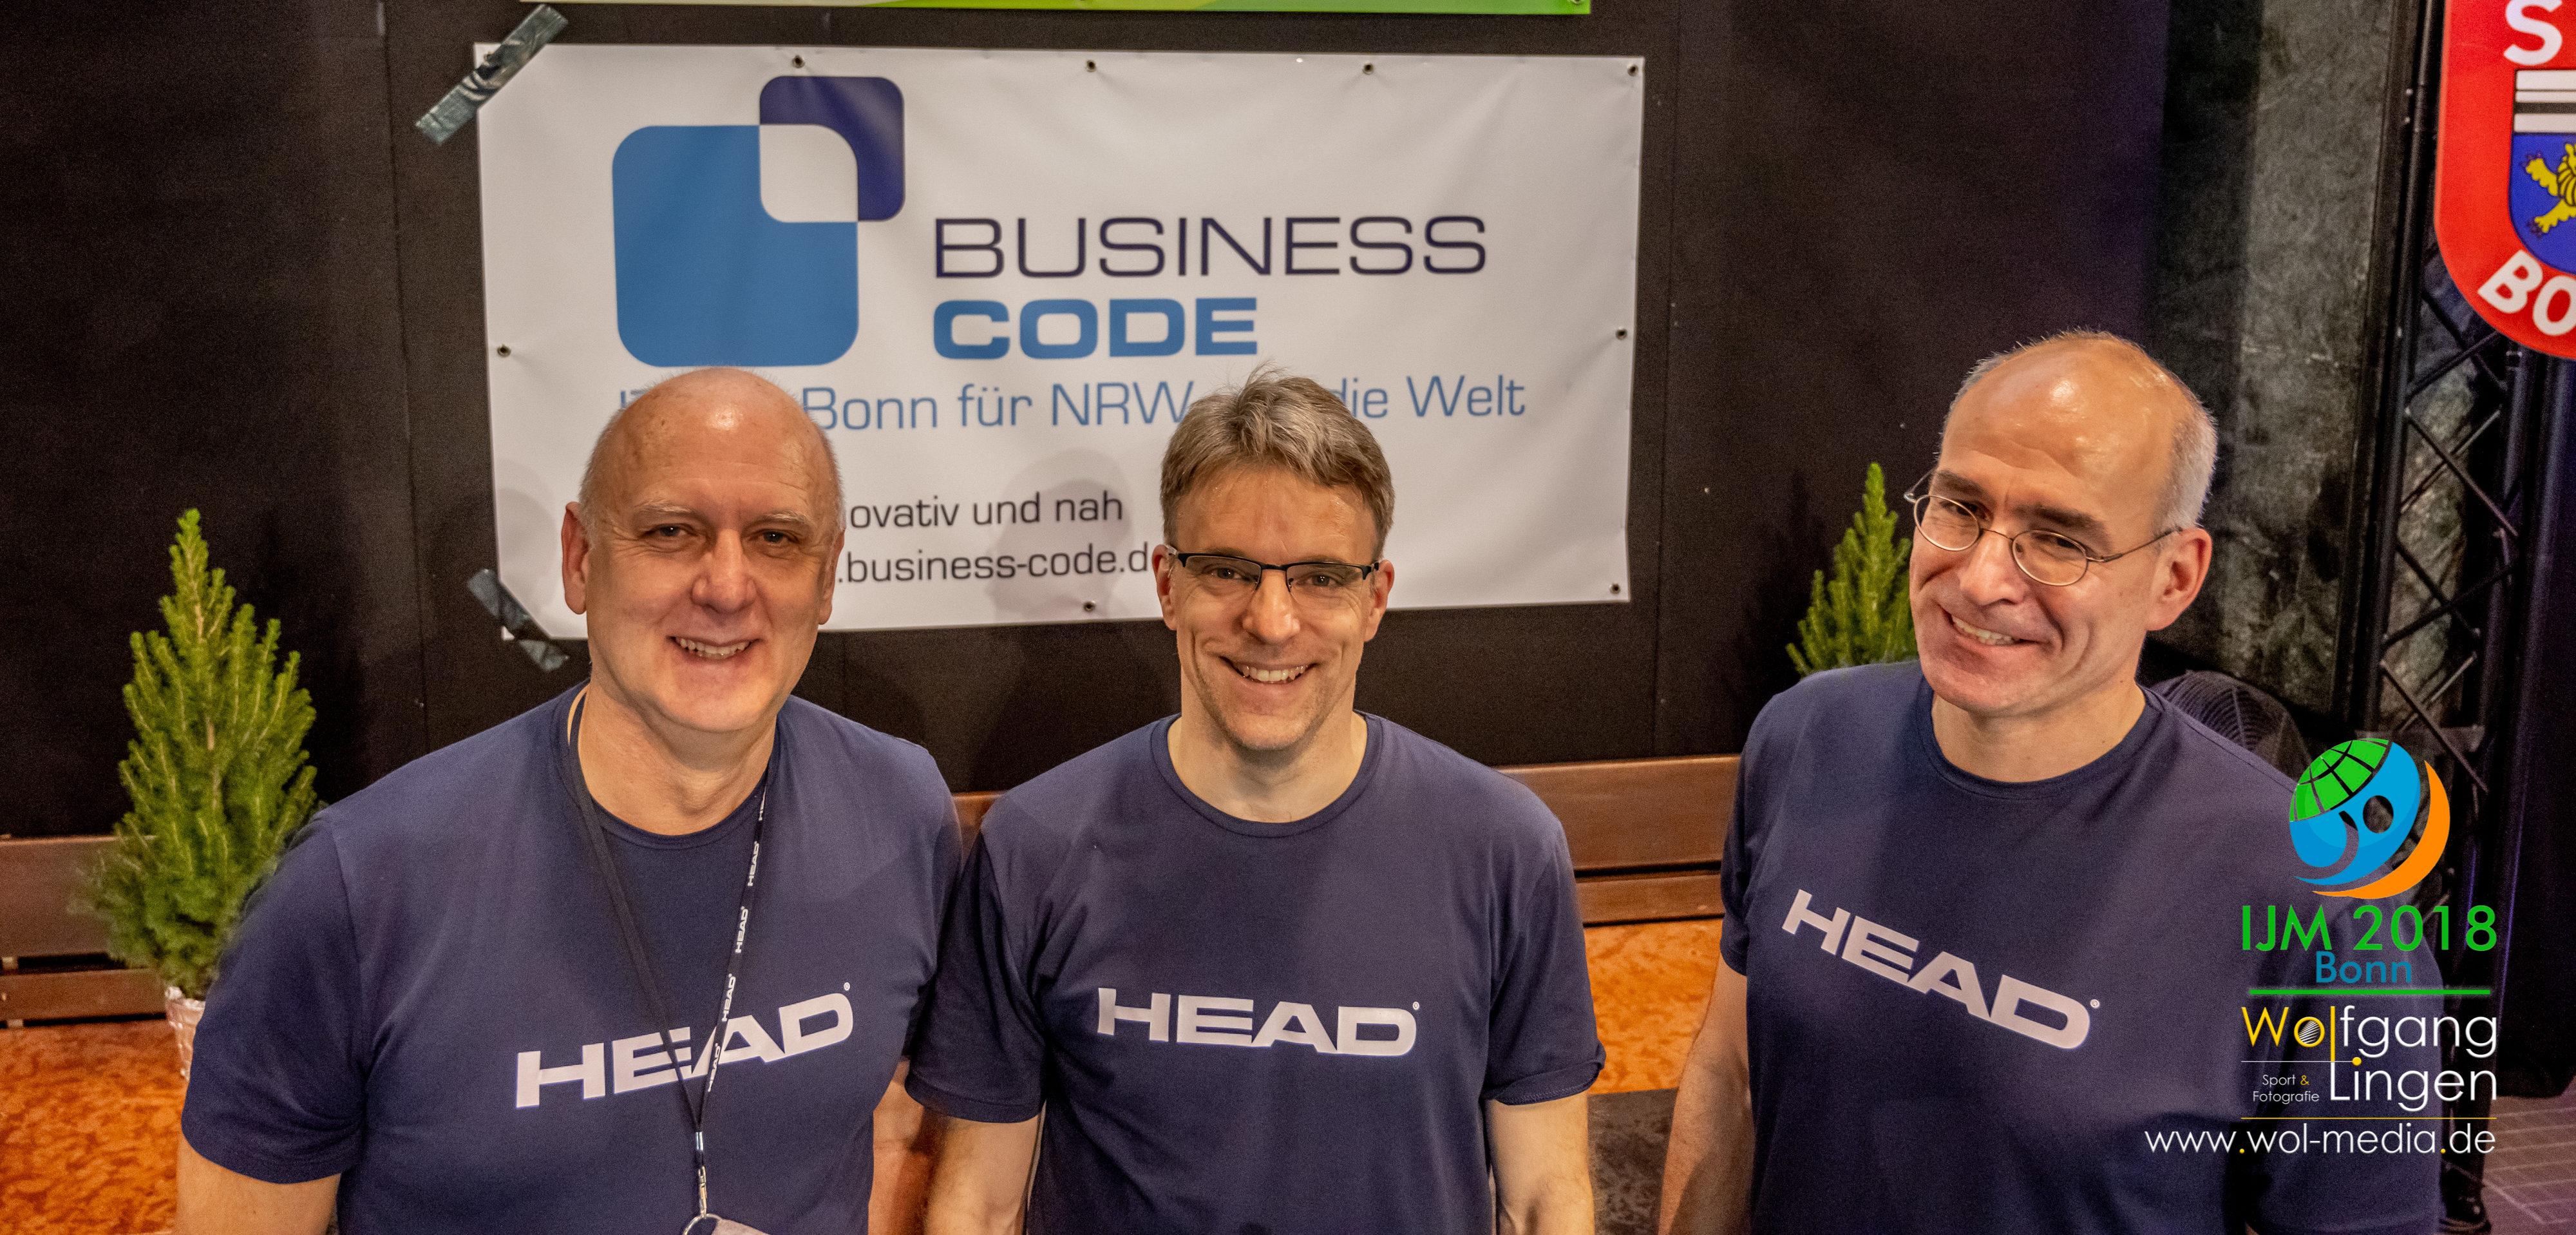 Jürgen Baro (Vorsitzender SSF Bonn), Martin Schulze (Geschäftsführer BusinessCode) und Georg Wambach (Abteilungsleiter Schwimmen)